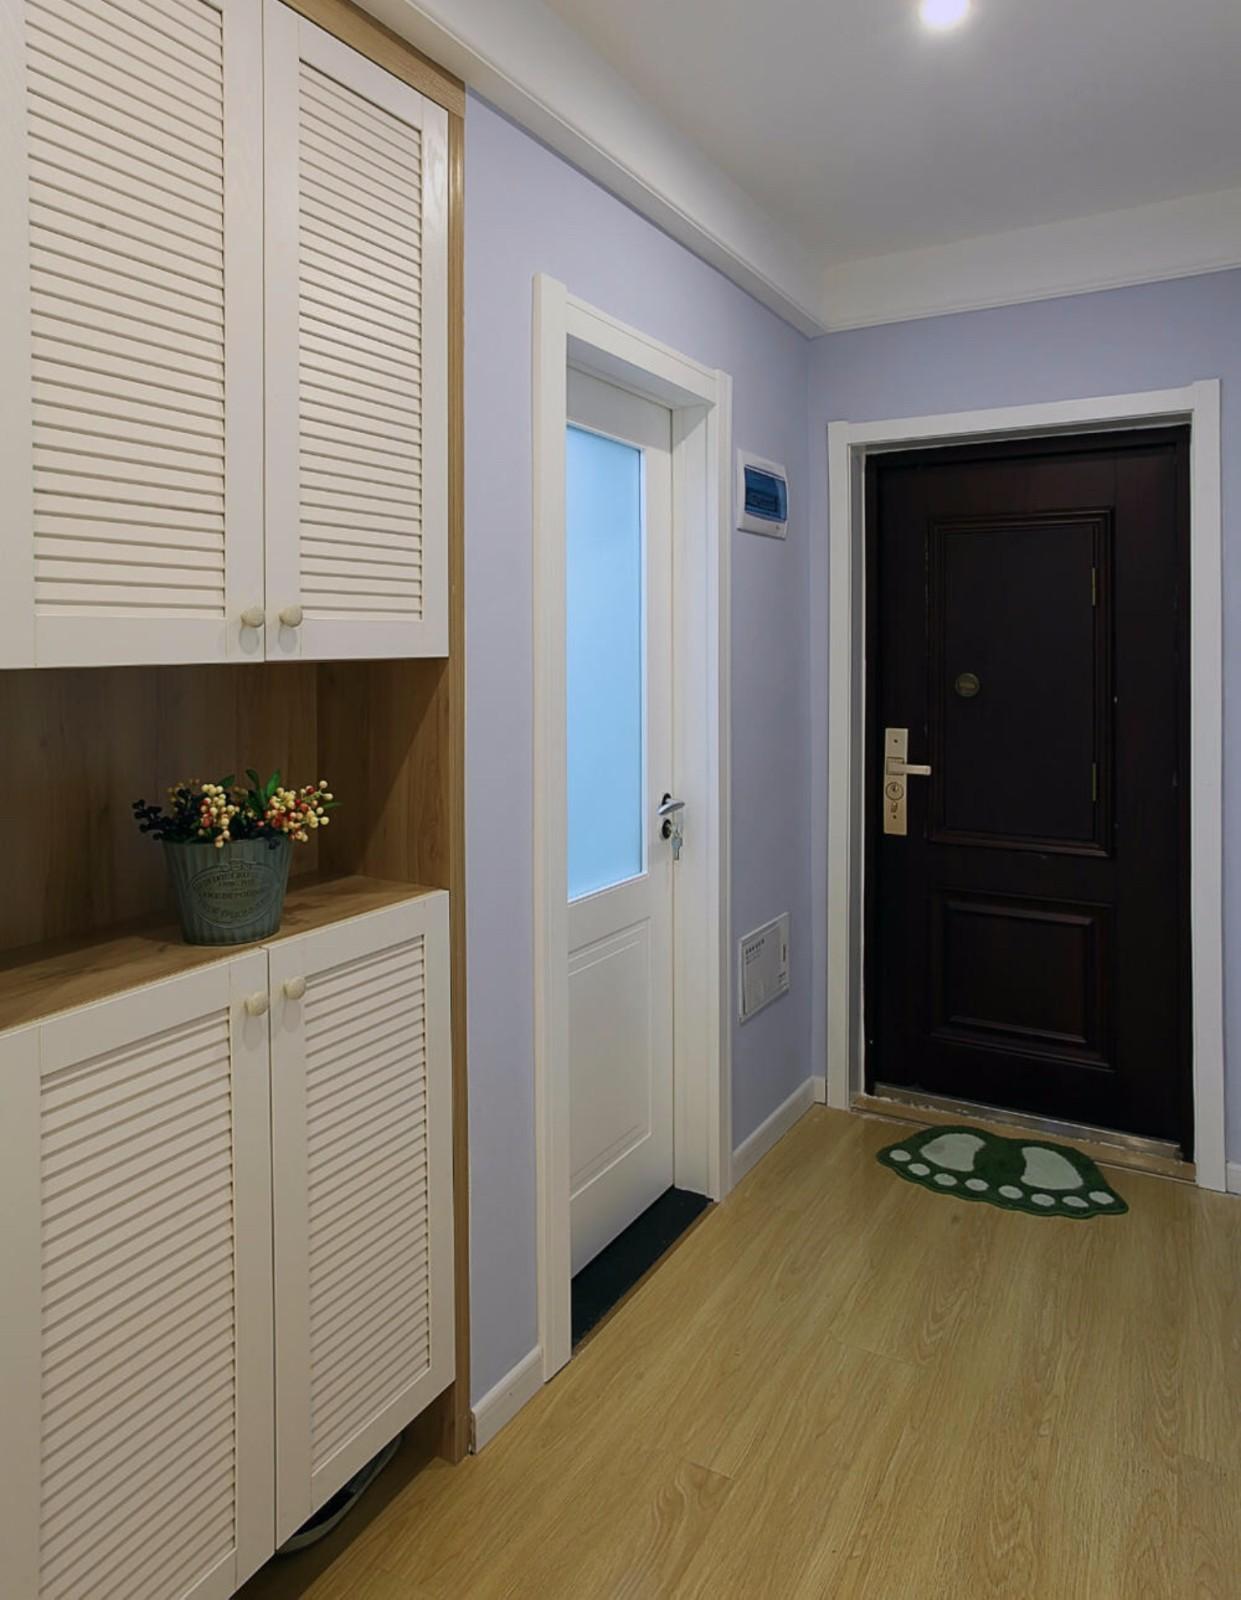 3室2卫2厅93平米混搭风格